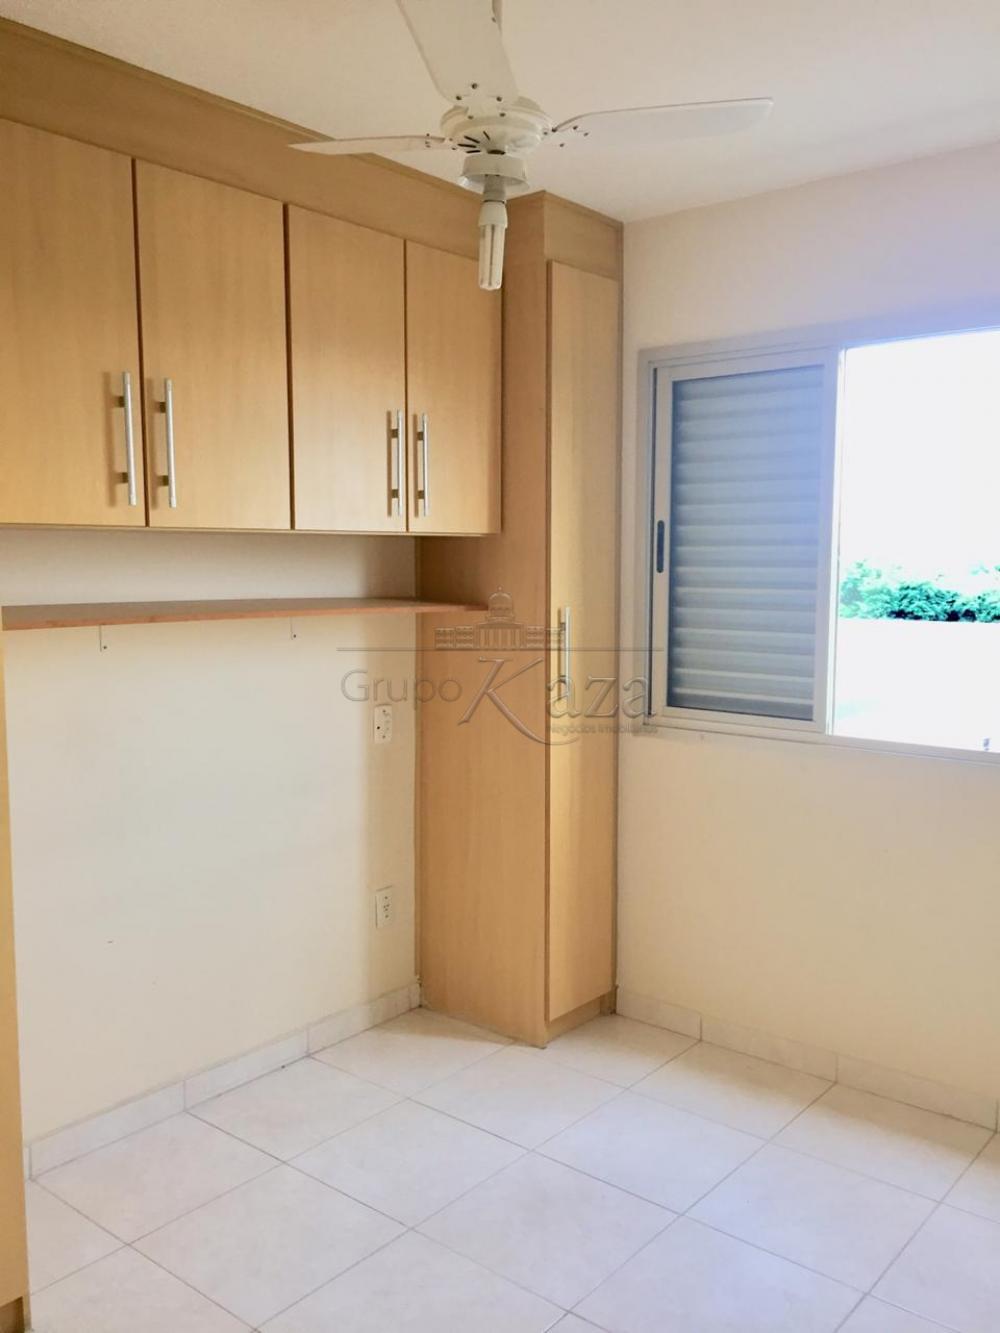 Comprar Apartamento / Padrão em São José dos Campos apenas R$ 260.000,00 - Foto 7